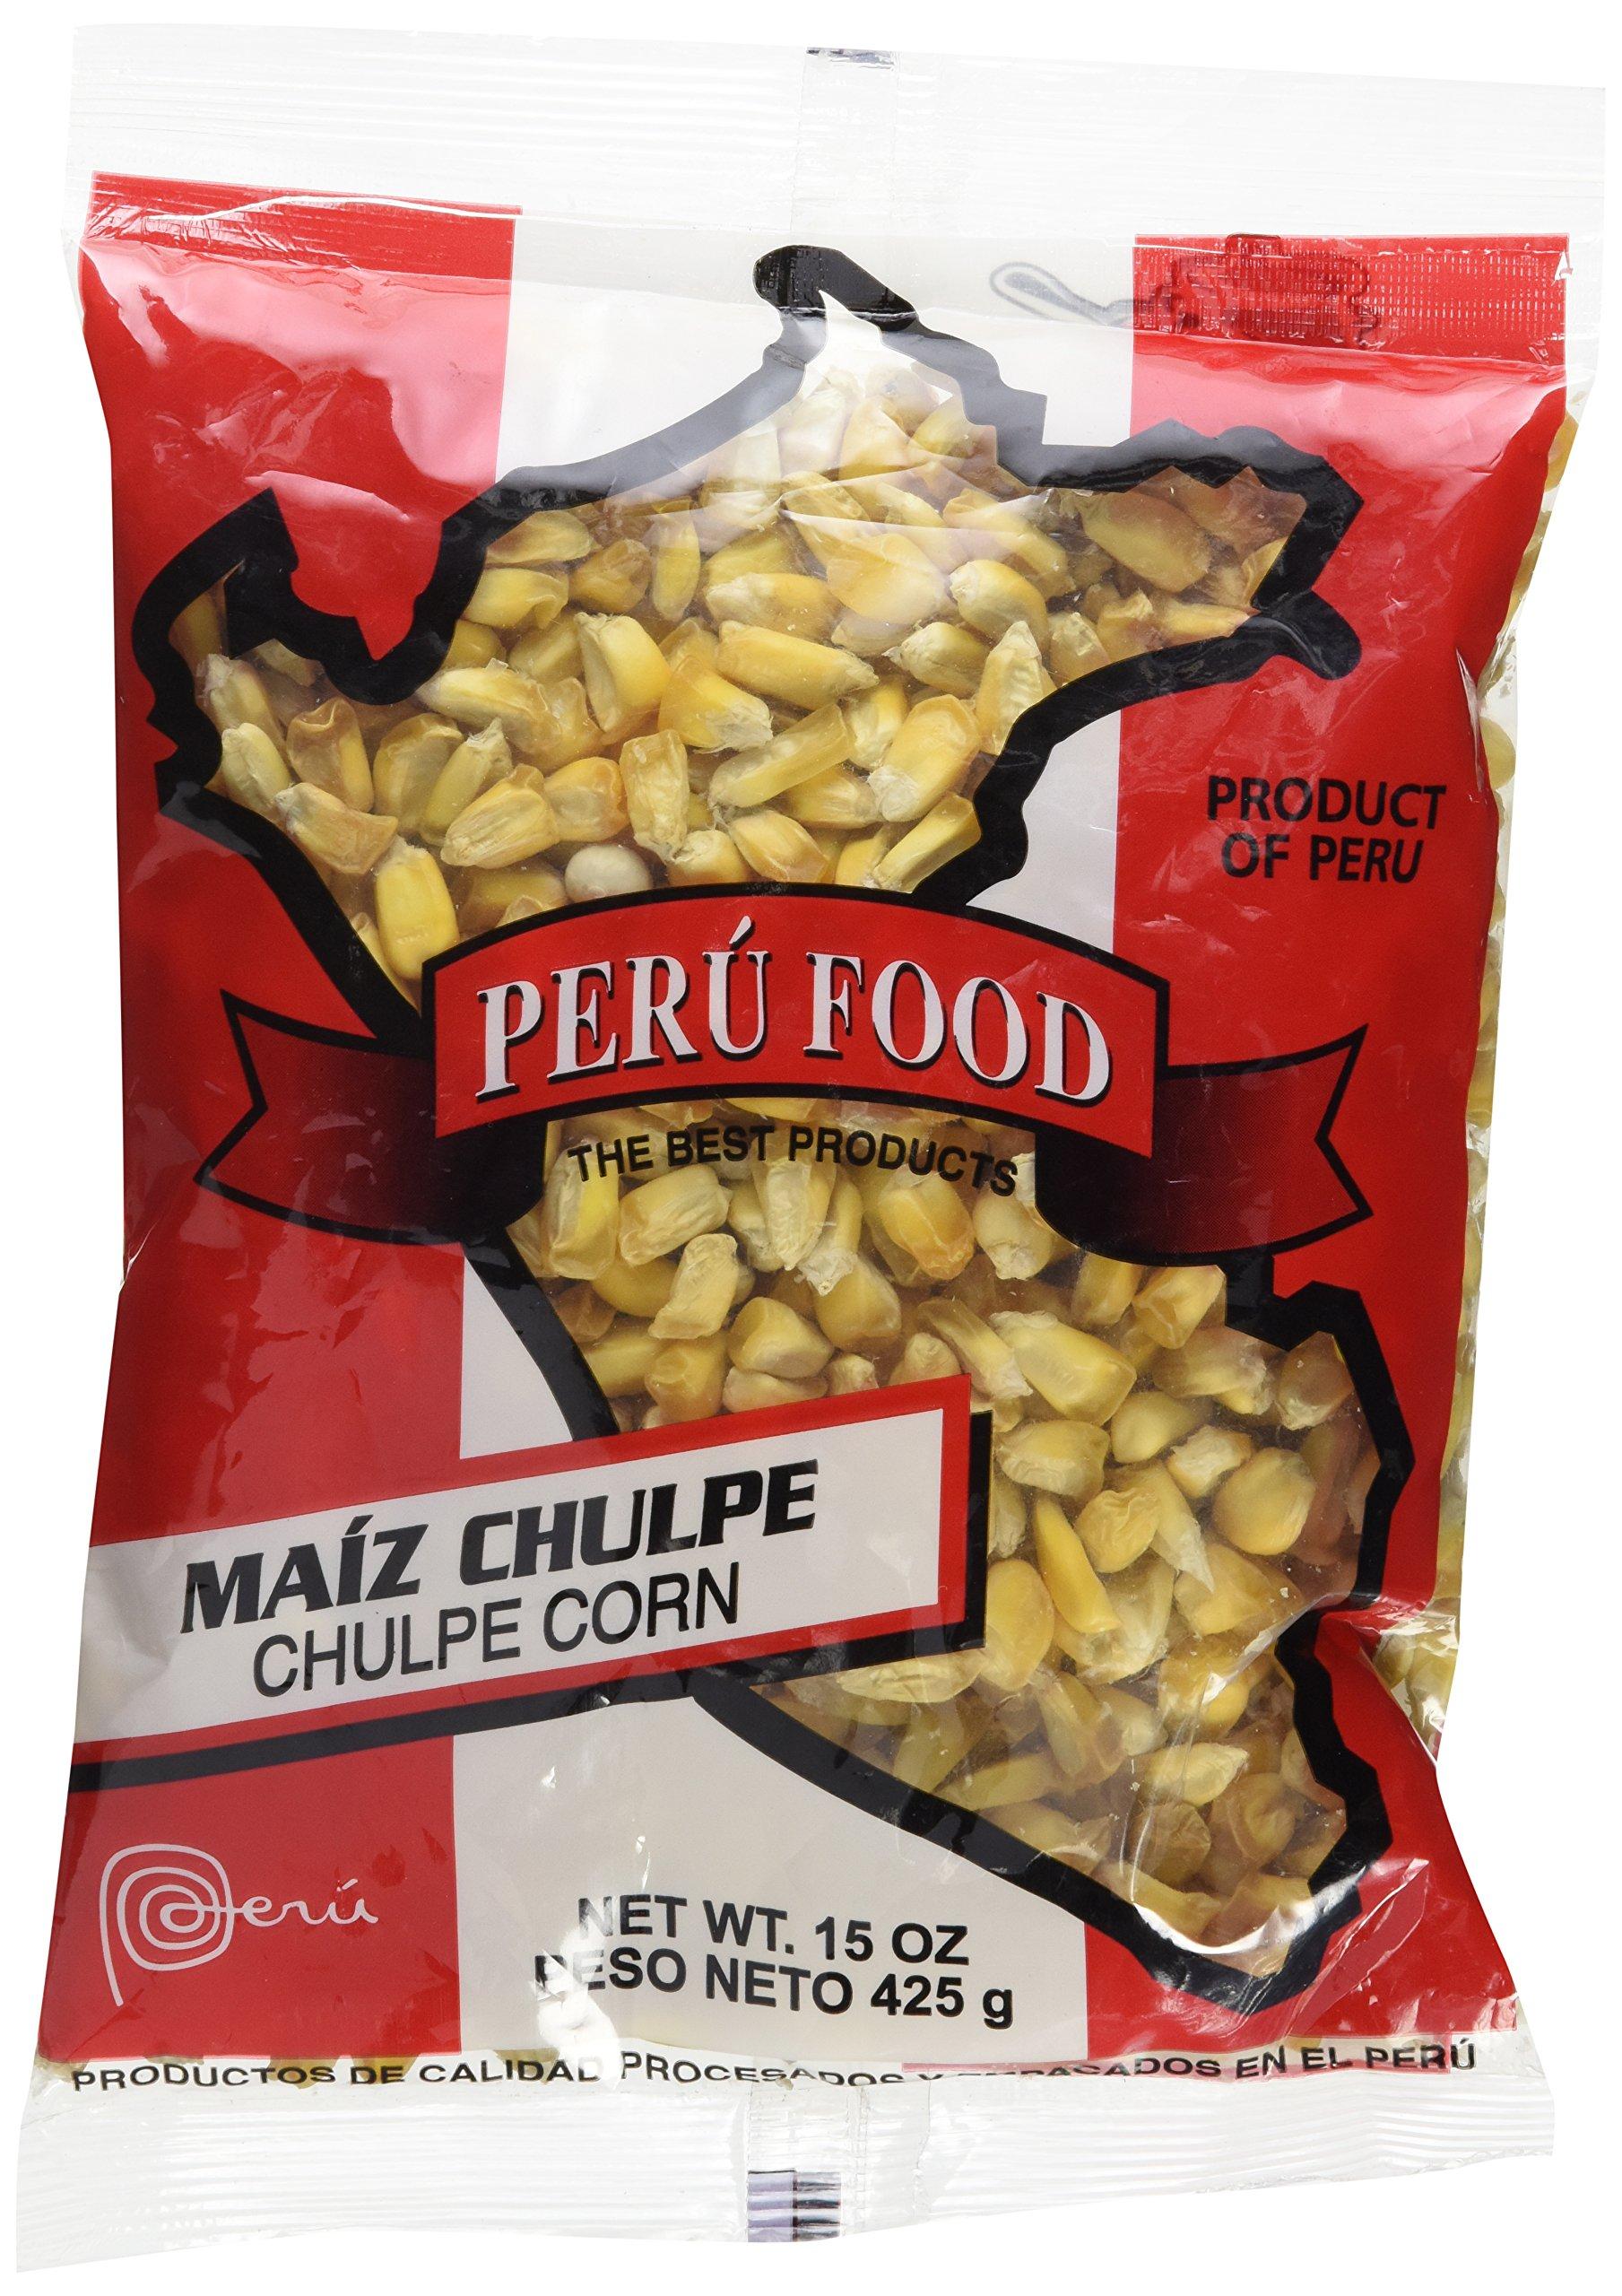 Peru Food Maiz Chulpe Chulpe Corn 15 Oz. by PERU FOOD